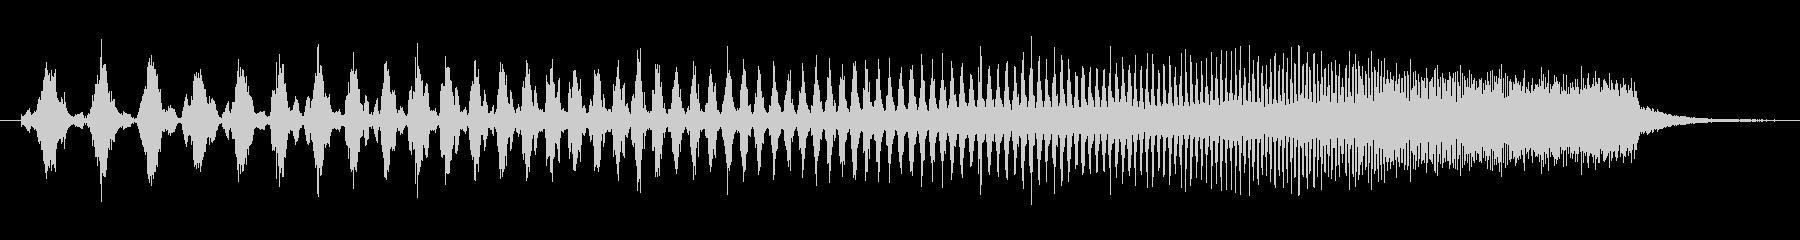 上昇 ダブステップウォブルベースロー01の未再生の波形